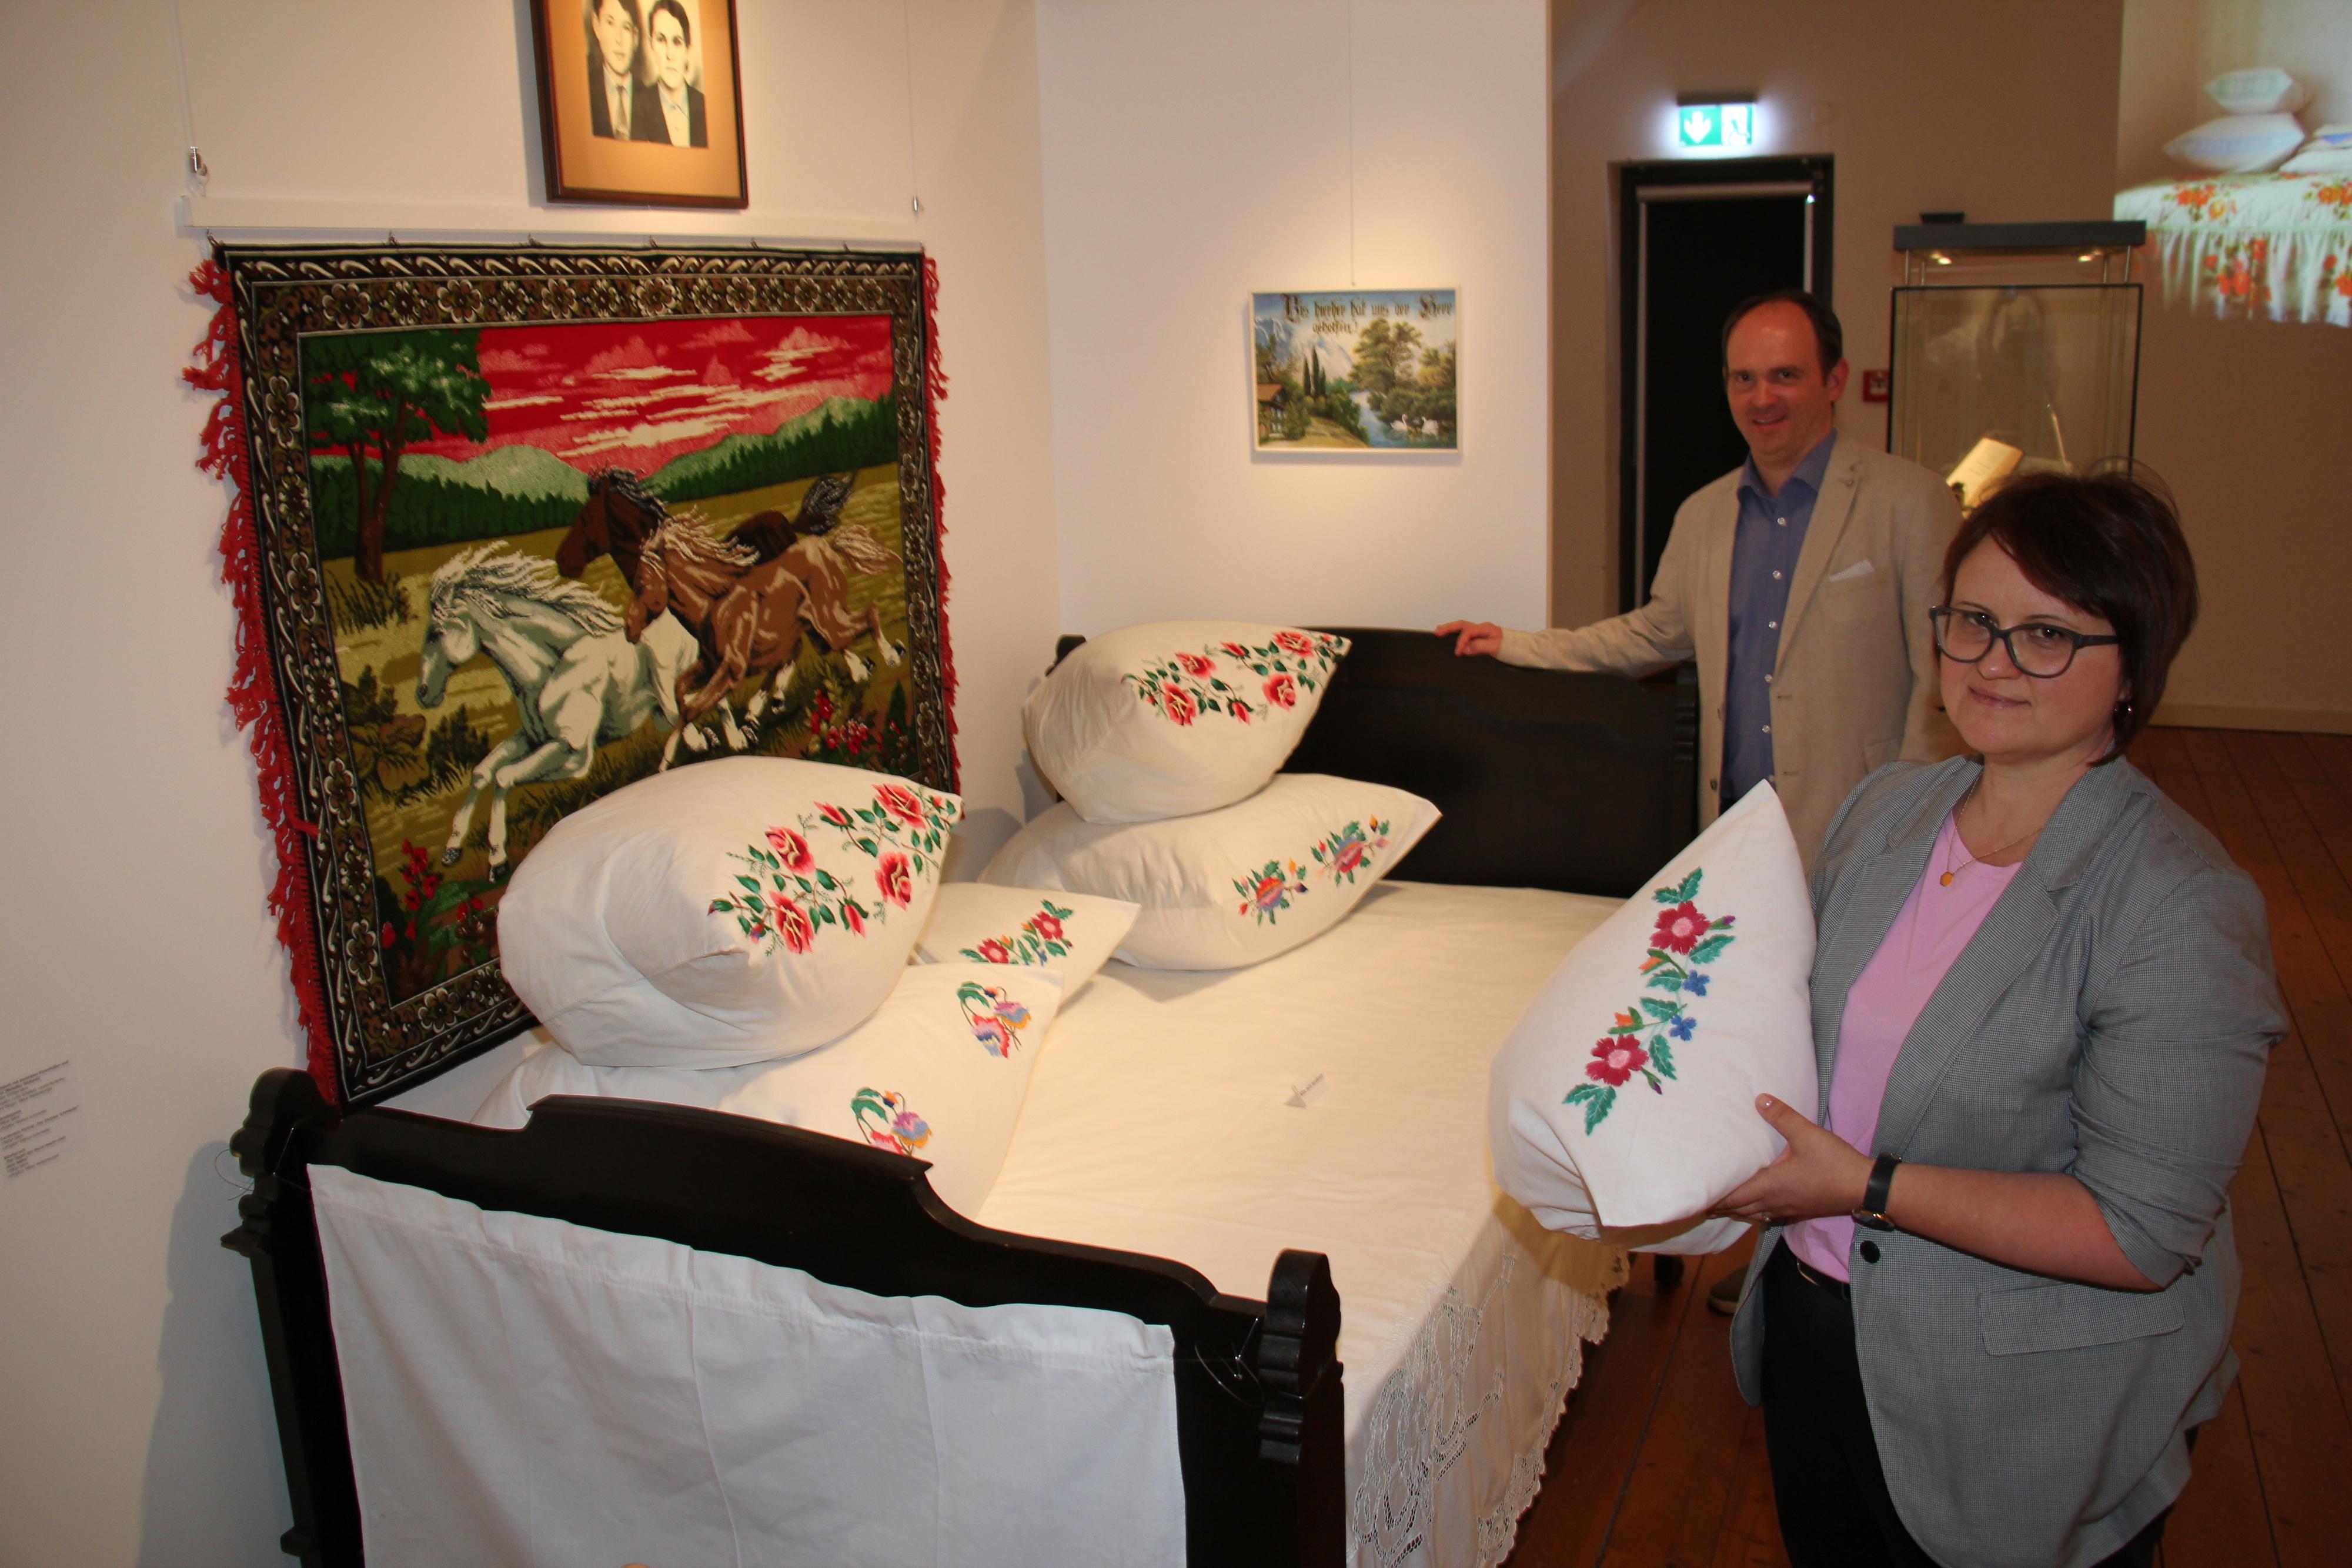 Das fein dekorierte Paradebett ist ein Hingucker der Ausstellung. Museumsleiter Kai Jansen und Kuratorin Marina Schmieder haben die Erinnerungsstücke der Spätaussiedler mit viel Bedacht und Kreativität zusammengestellt. Foto: Speckmann